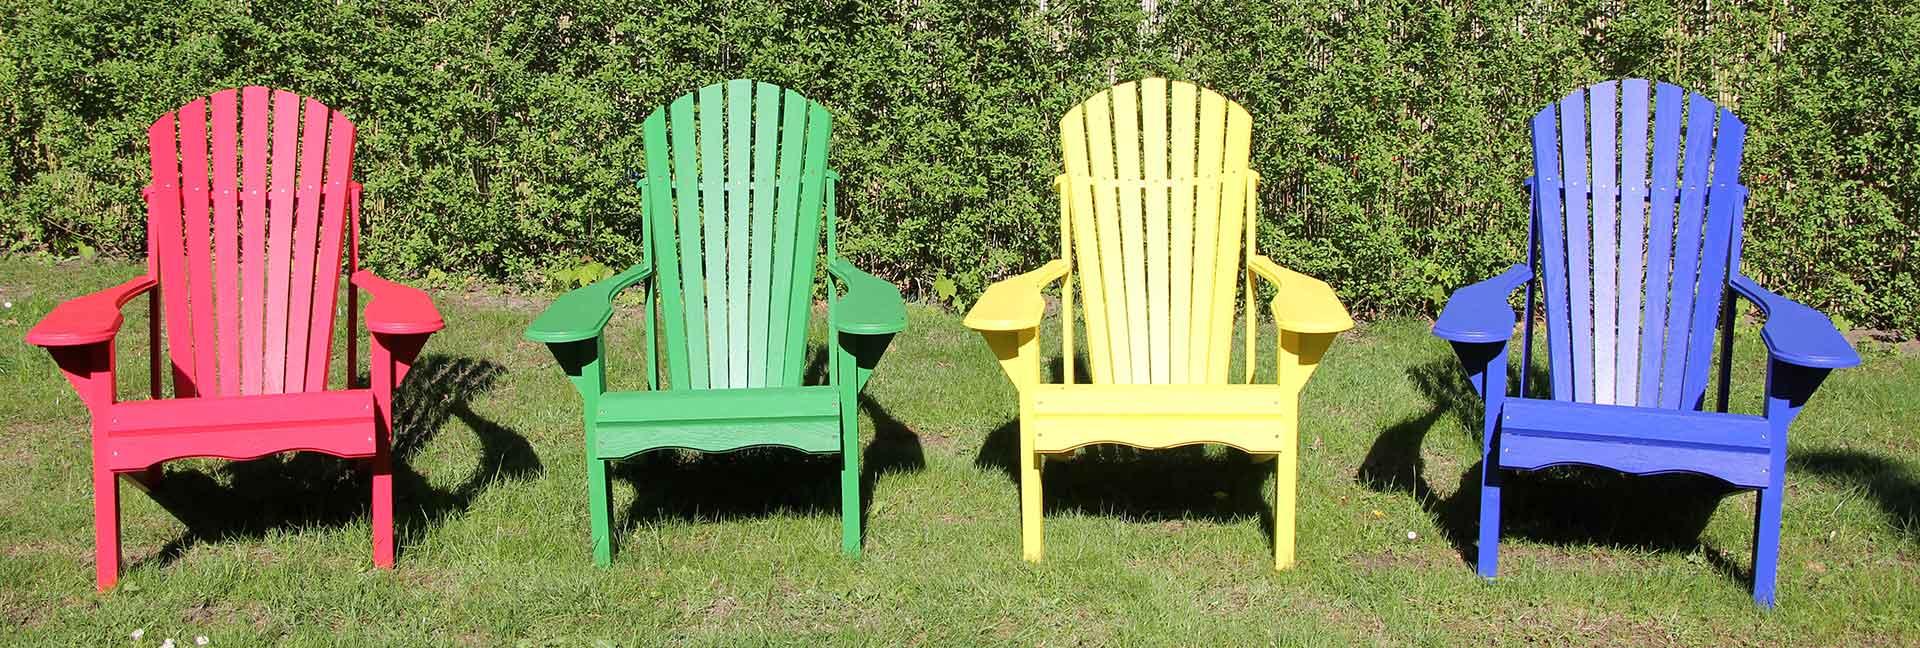 Muskoka Chair, Adirondack Chair, Gartenstuhl aus Norderstedt